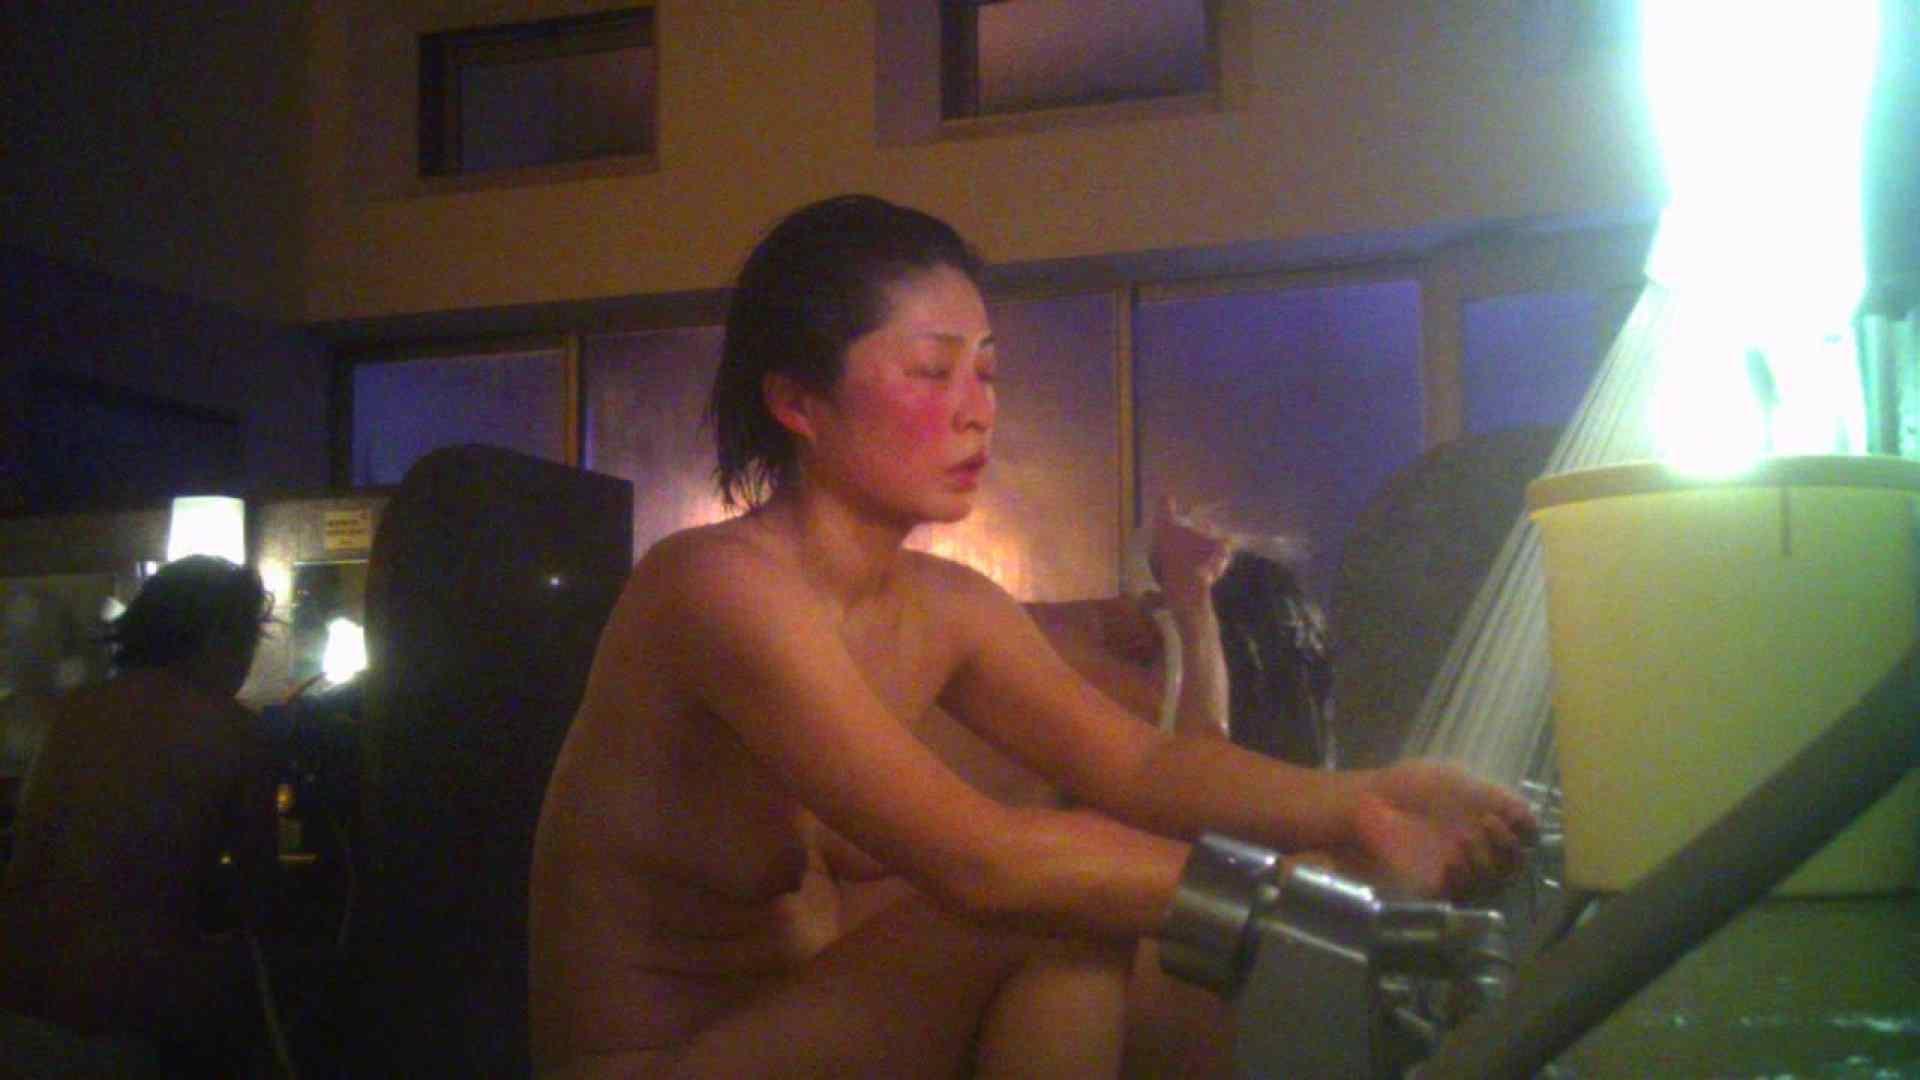 TG.21 【上等兵】井戸端会議が大好きな奥さん 女風呂  38連発 30